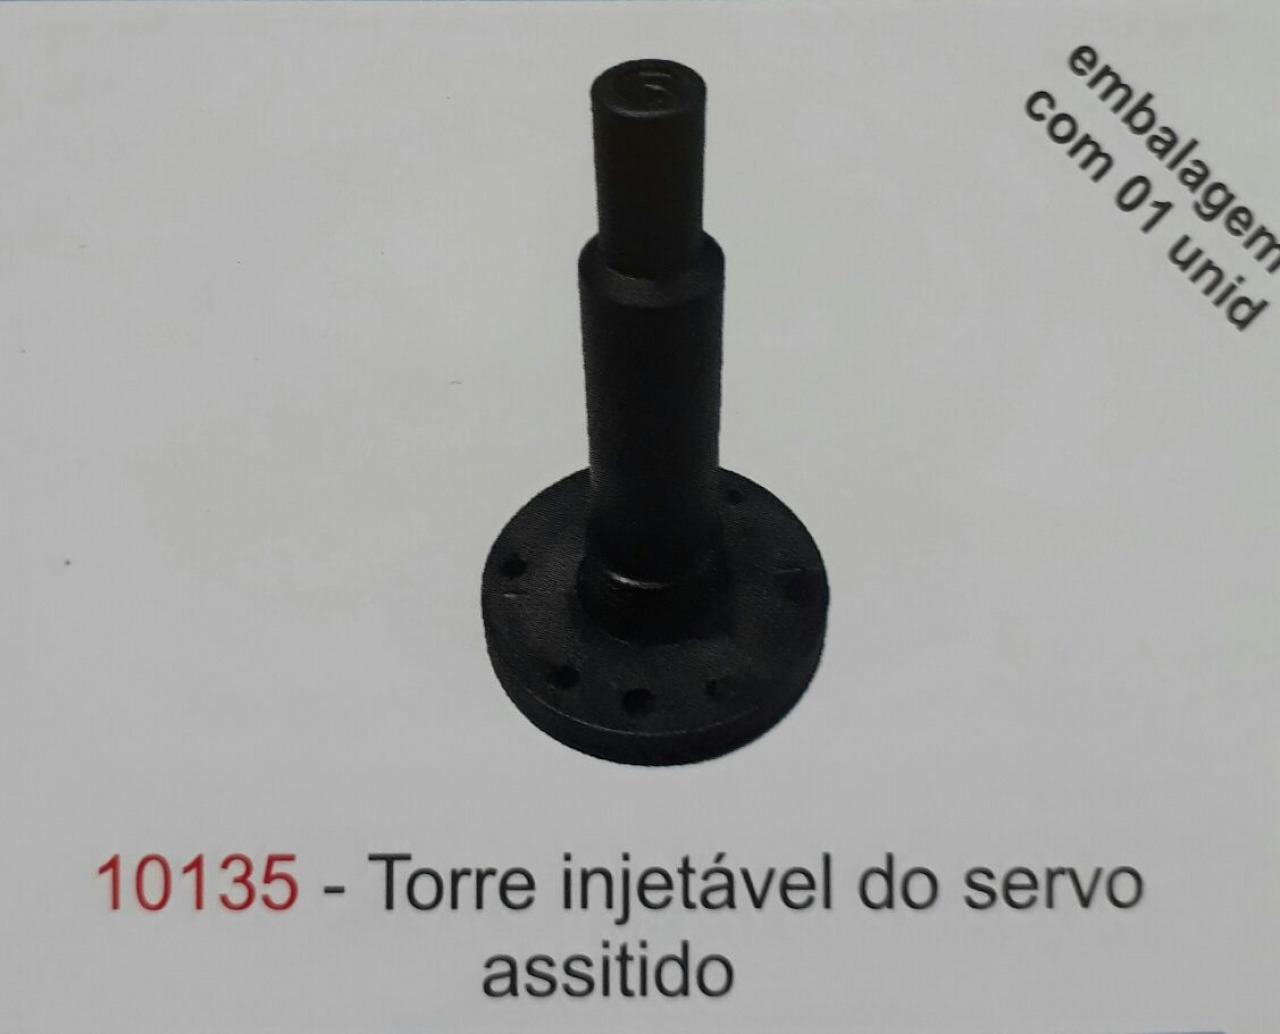 TORRE INJETAVEL DO SERVO ASSISTIDO EURO/MADEMA